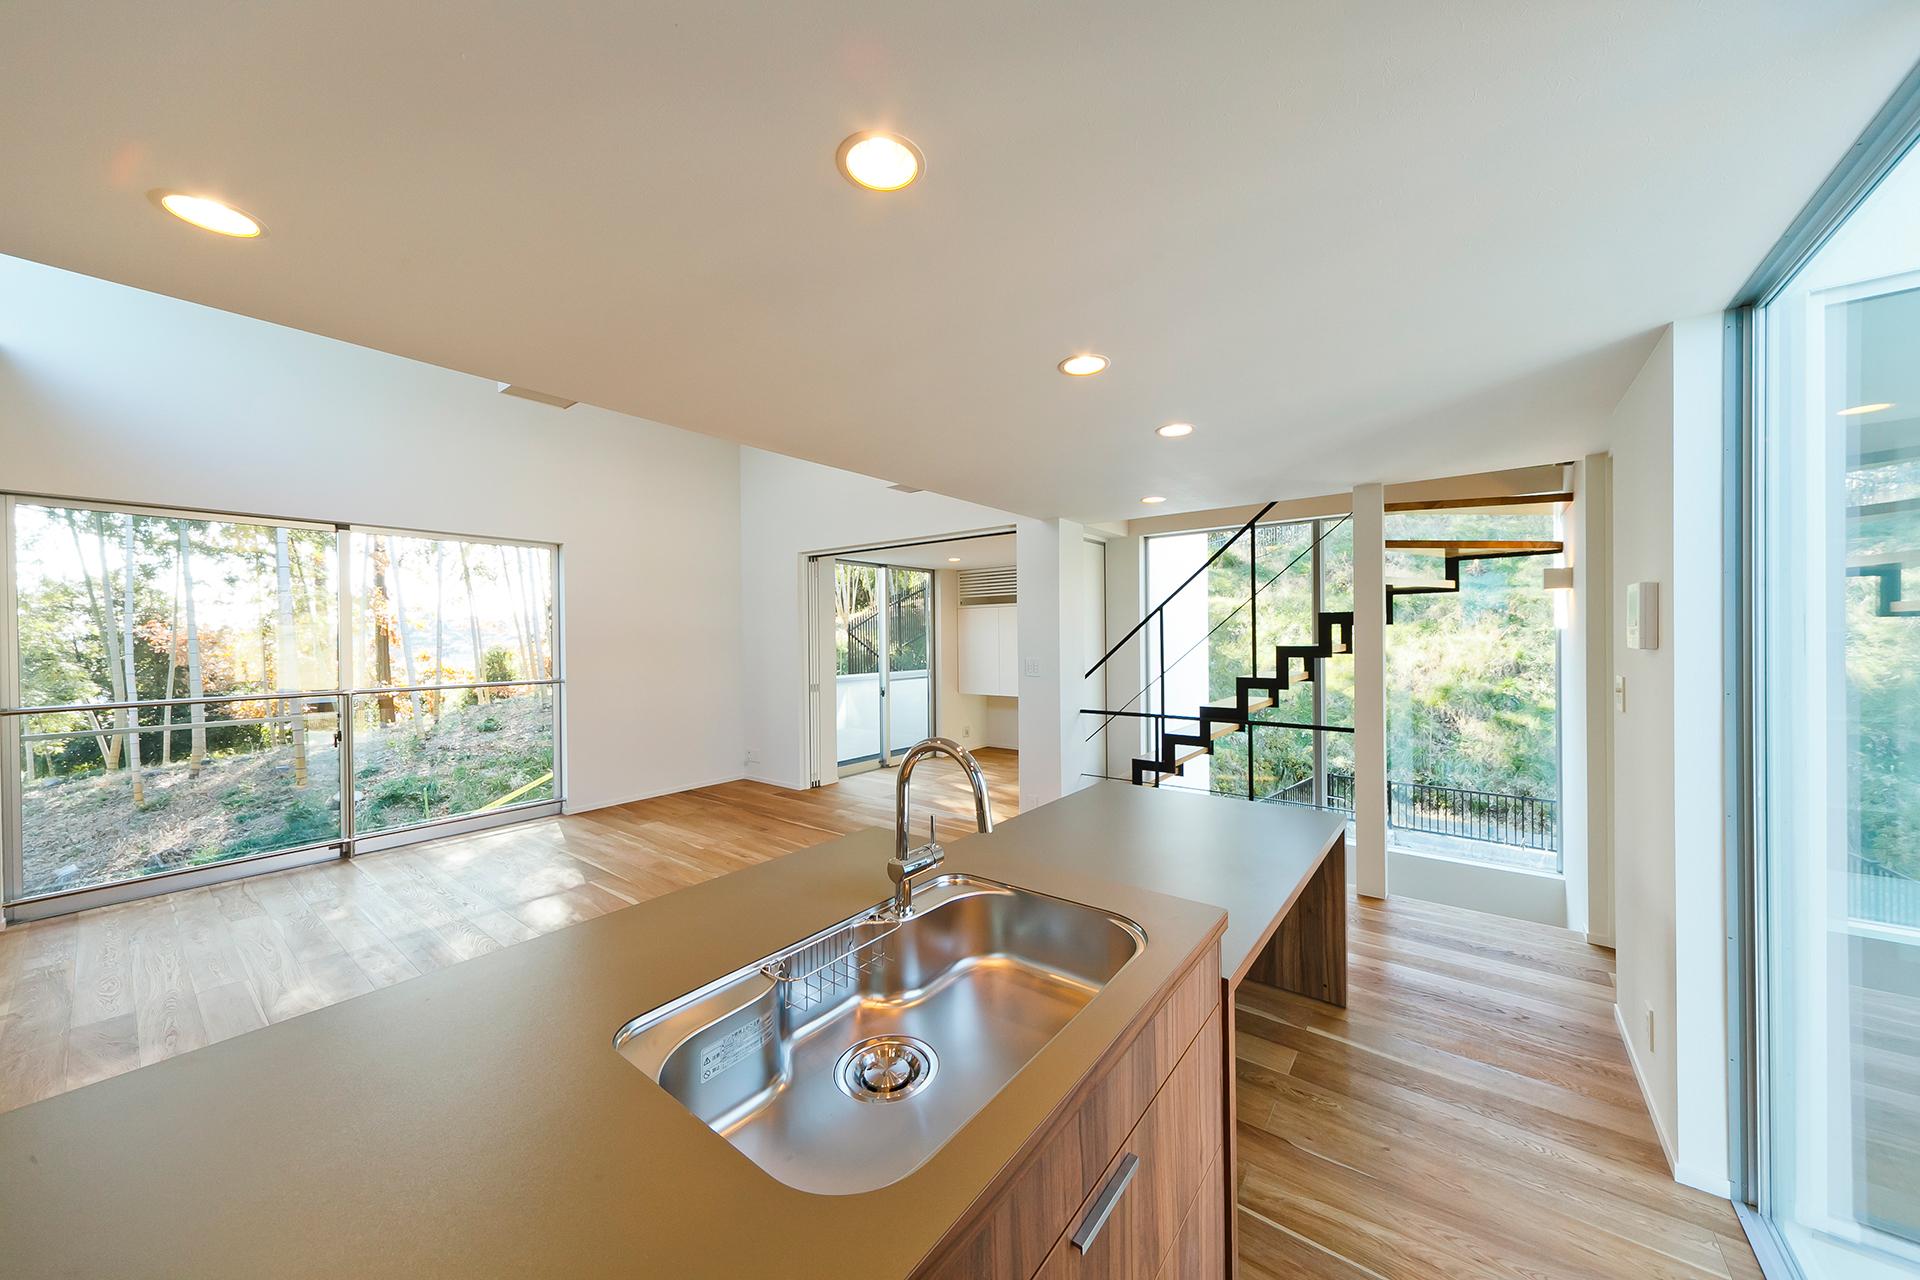 前後左右どこを見ても竹林や豊かな緑などの外の風景が眺められるキッチン。2階に設けられたLDKにより、周囲の目を気にすることなく存分に絶景を堪能することができる。